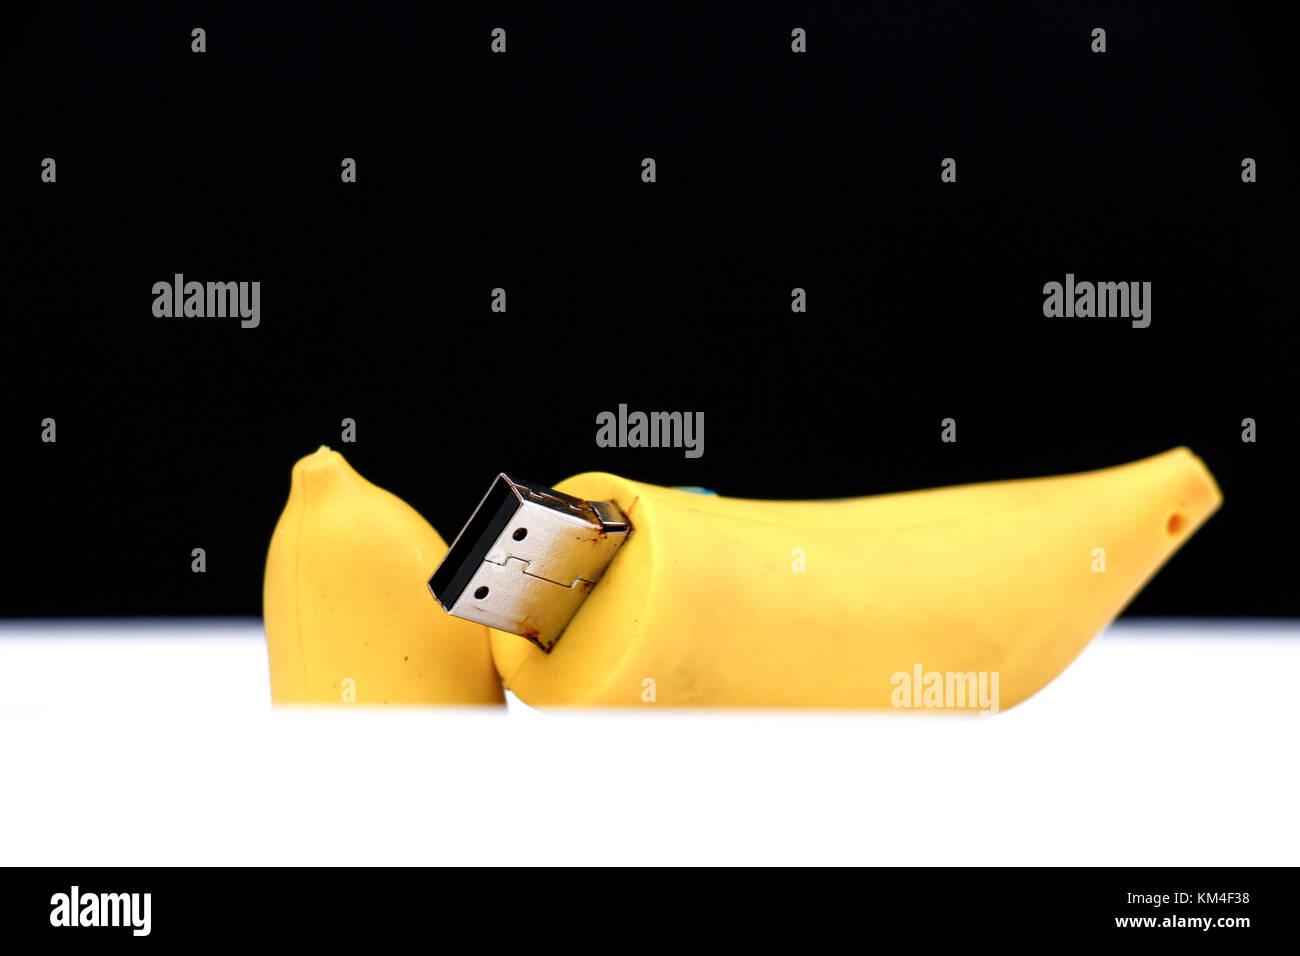 supermarché datant bananes un drôle de rencontre en ligne profil